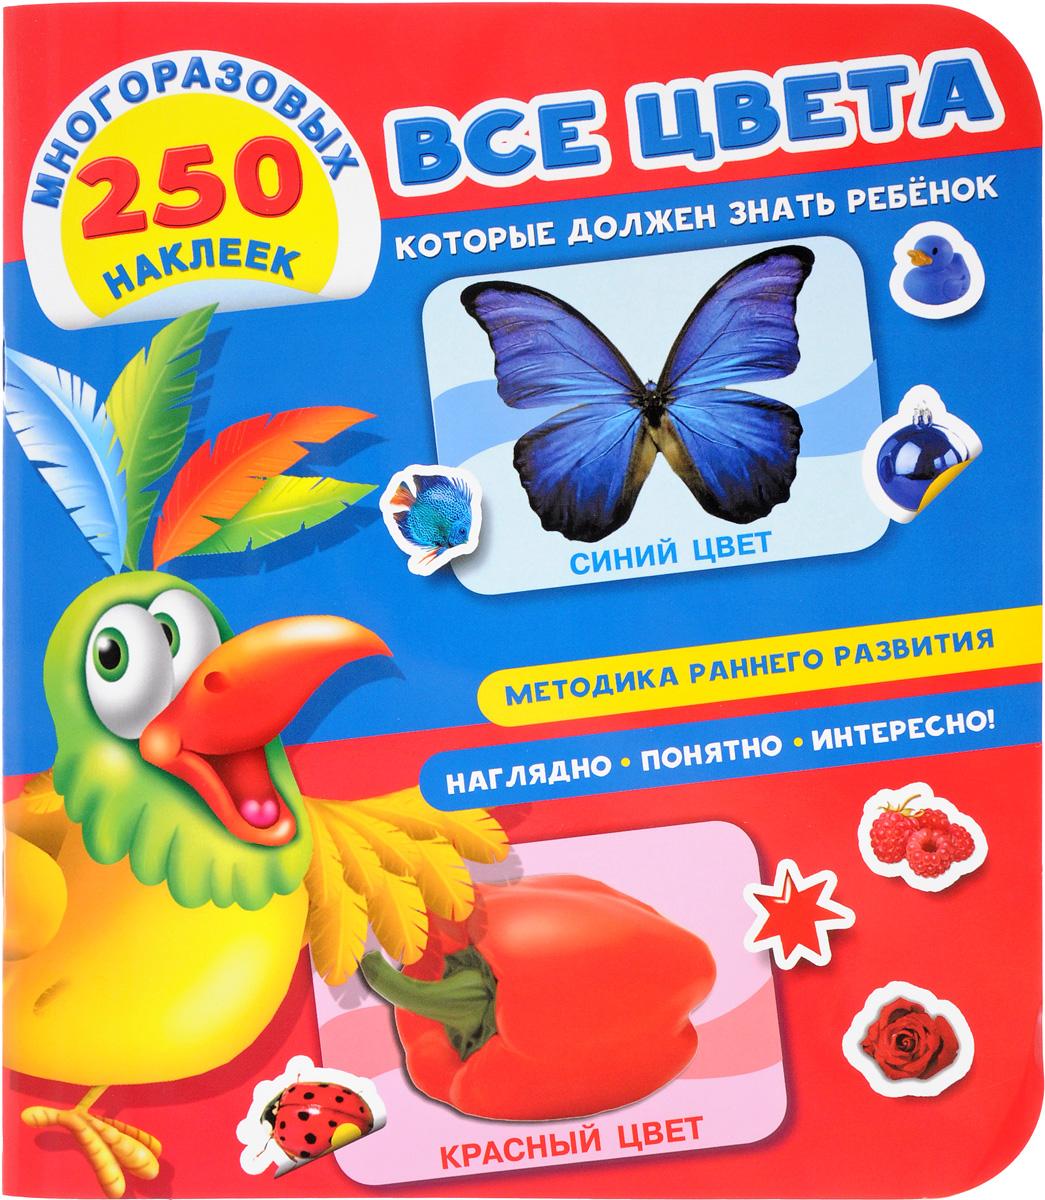 9785171015336 - Валентина Дмитриева: Все цвета, которые должен знать ребенок - Книга